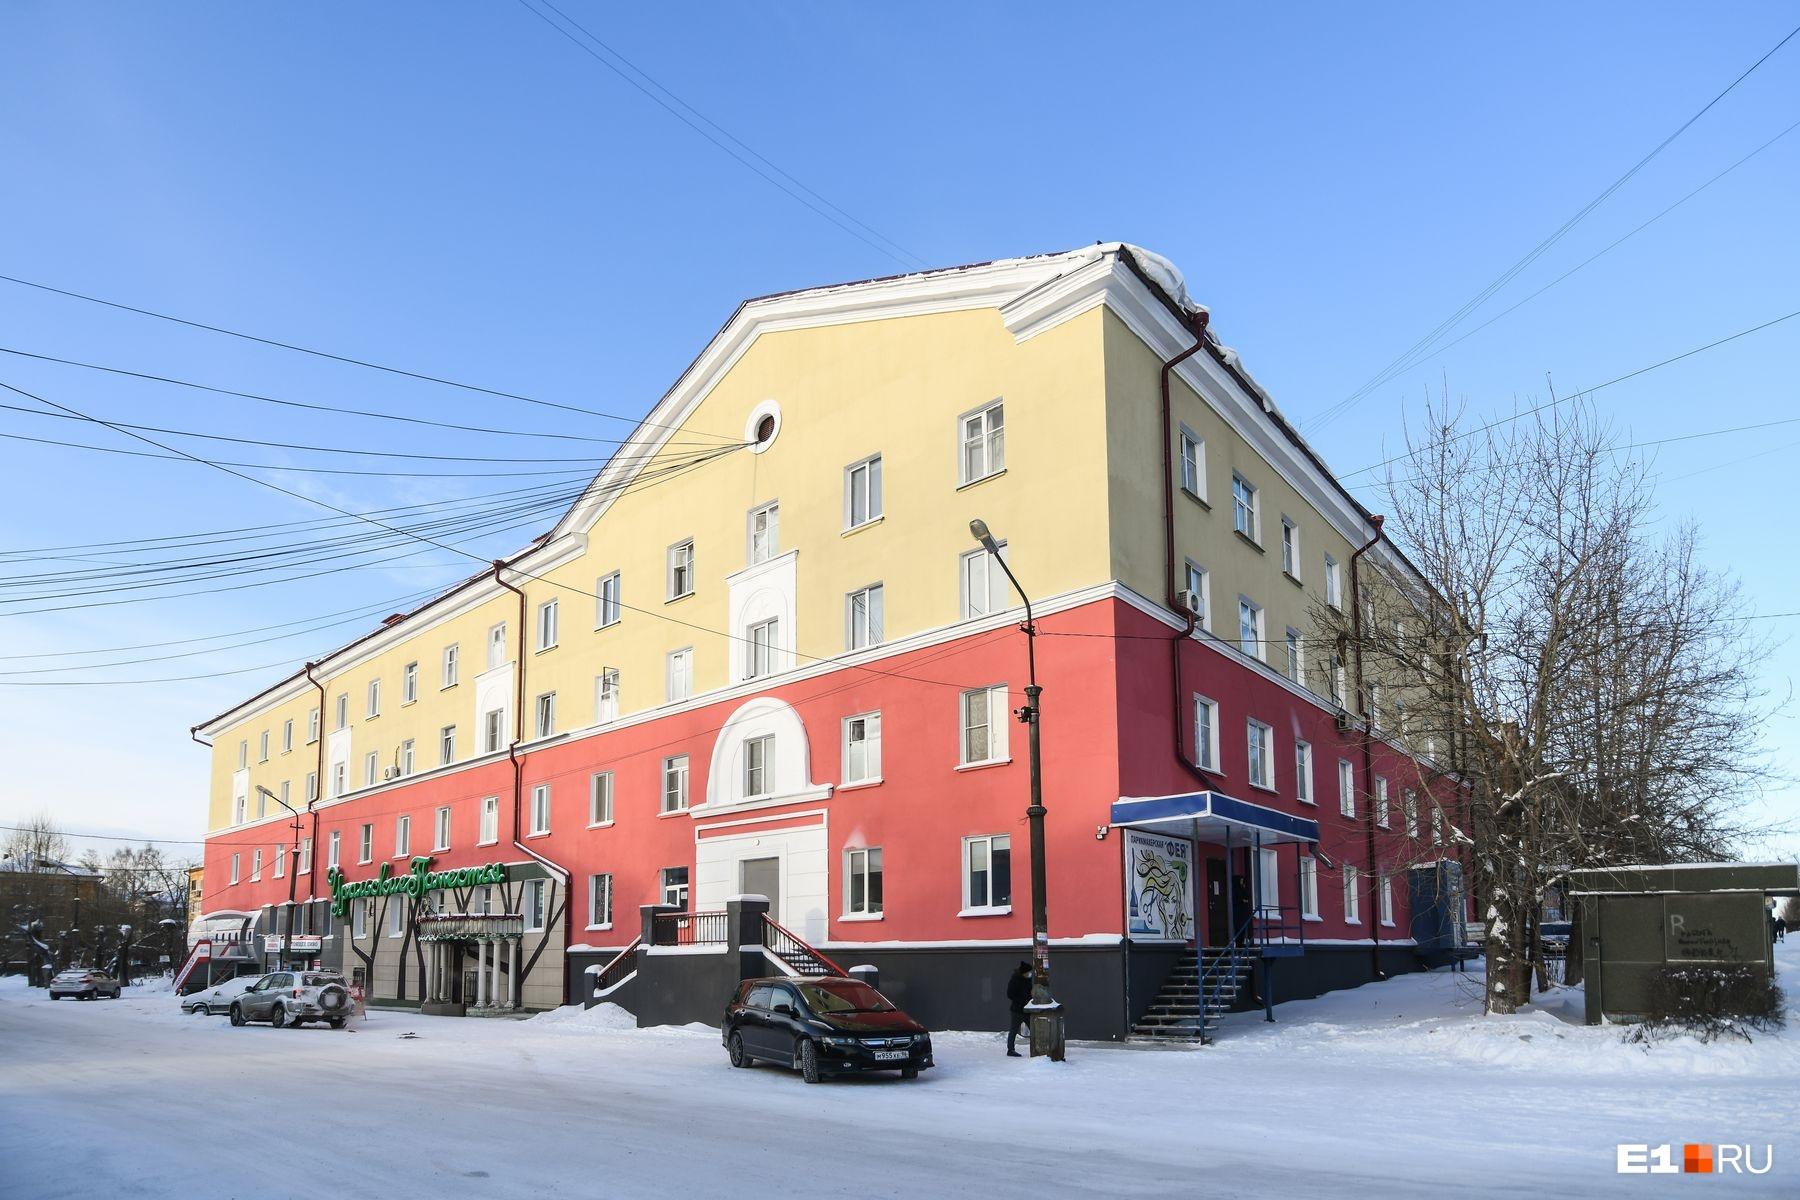 Дом с нарядным фасадом украшает одну из центральных улиц Первоуральска